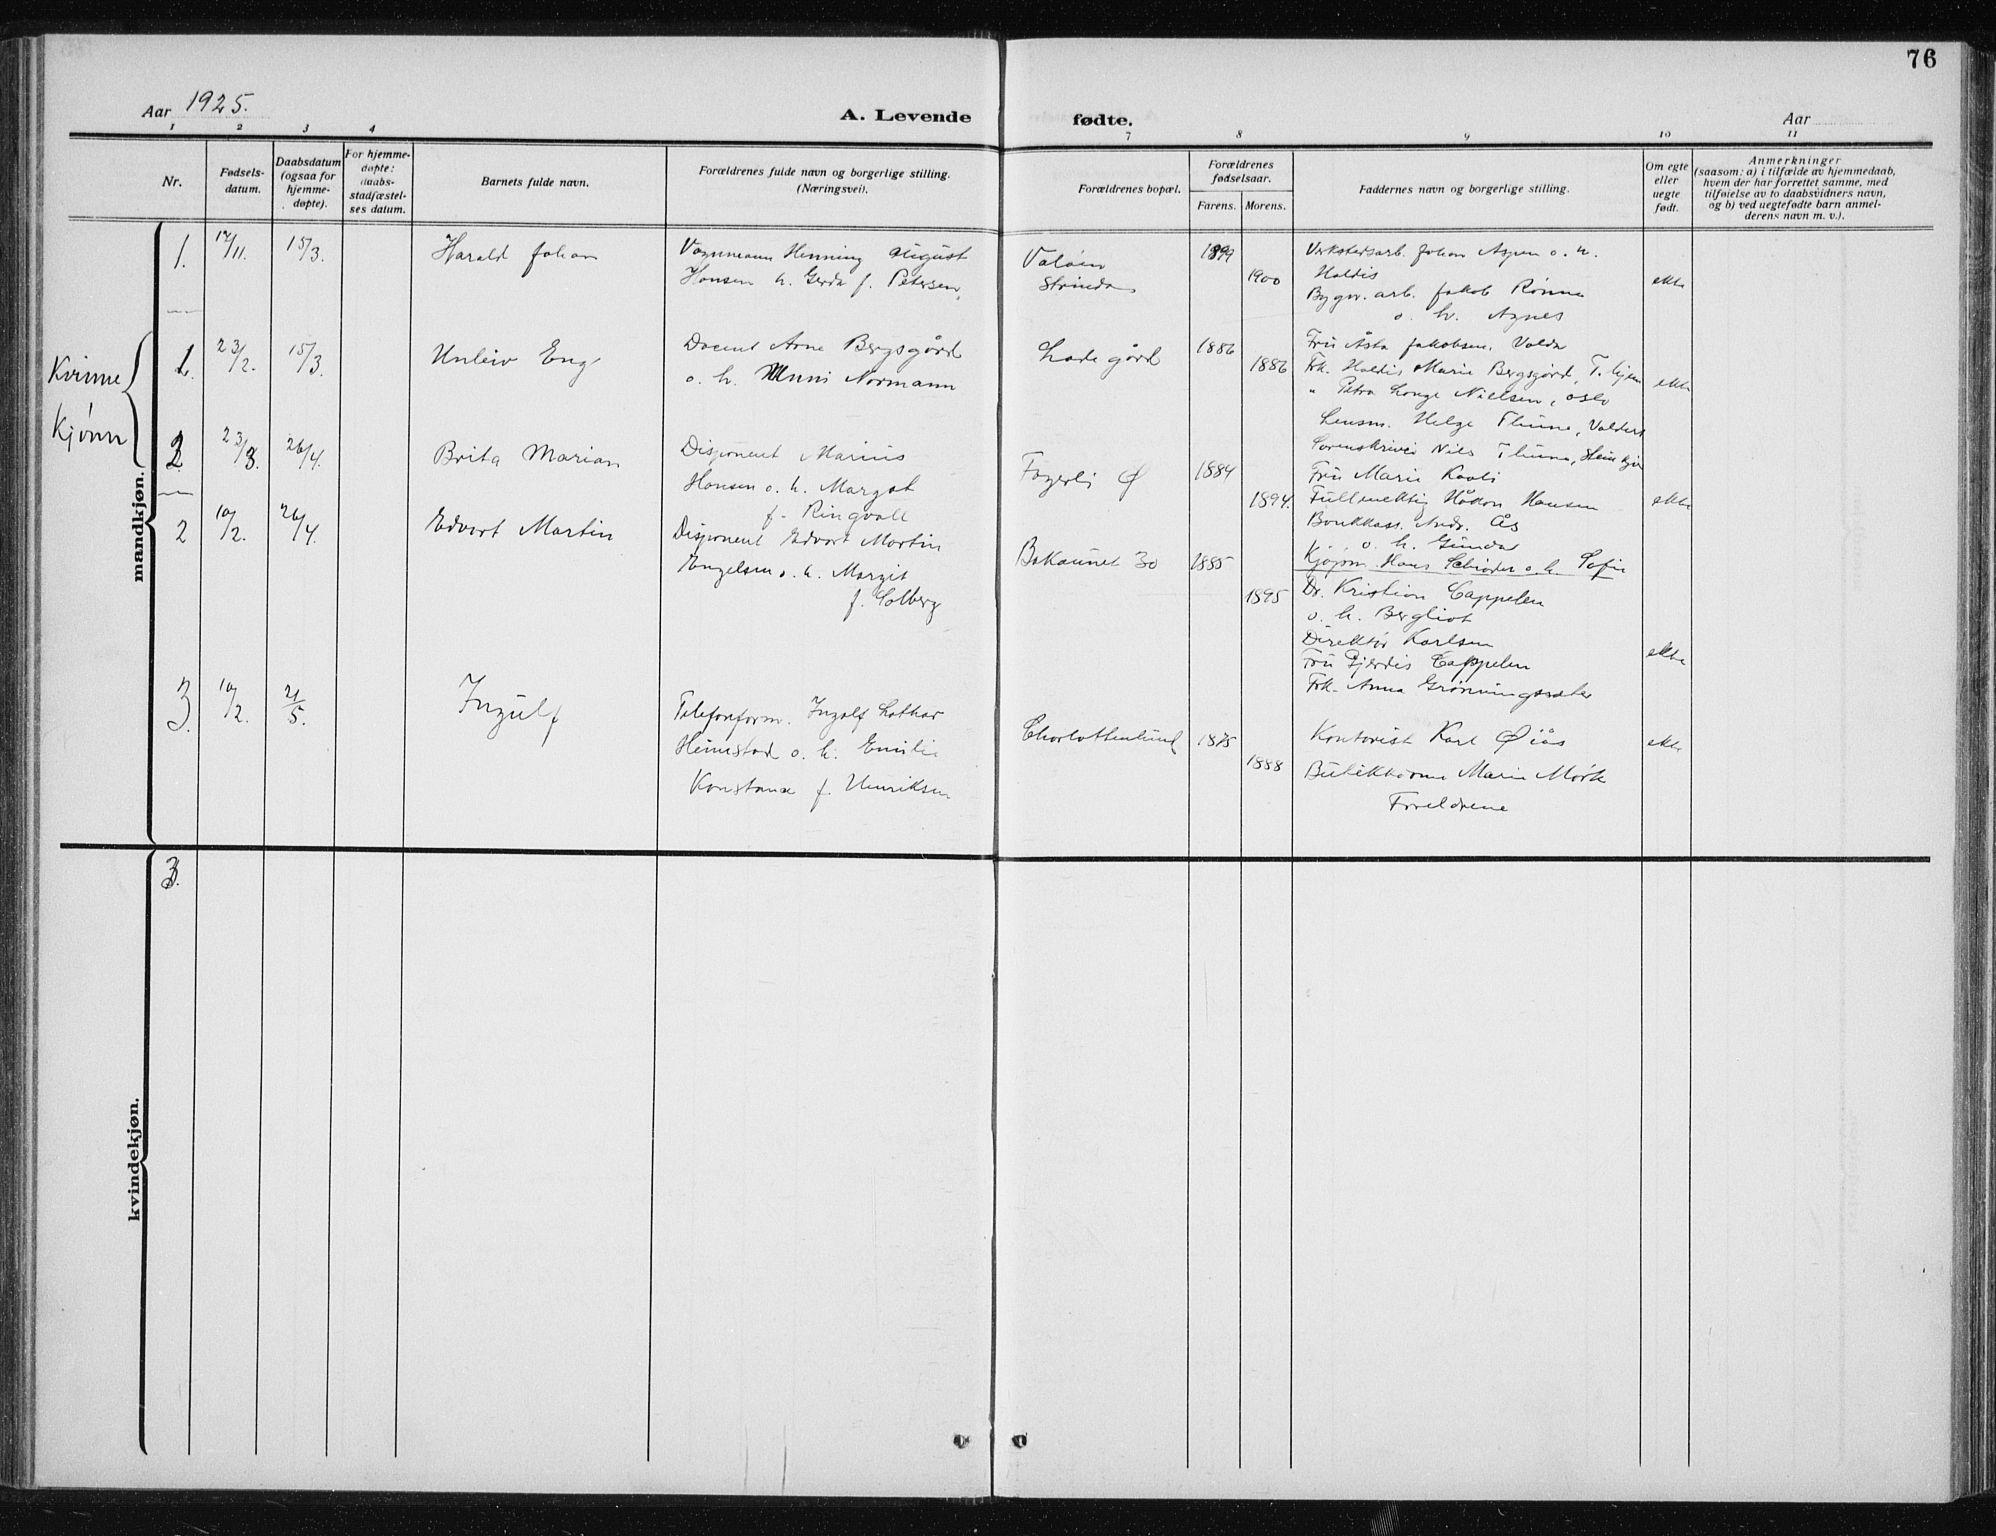 SAT, Ministerialprotokoller, klokkerbøker og fødselsregistre - Sør-Trøndelag, 606/L0314: Klokkerbok nr. 606C10, 1911-1937, s. 76